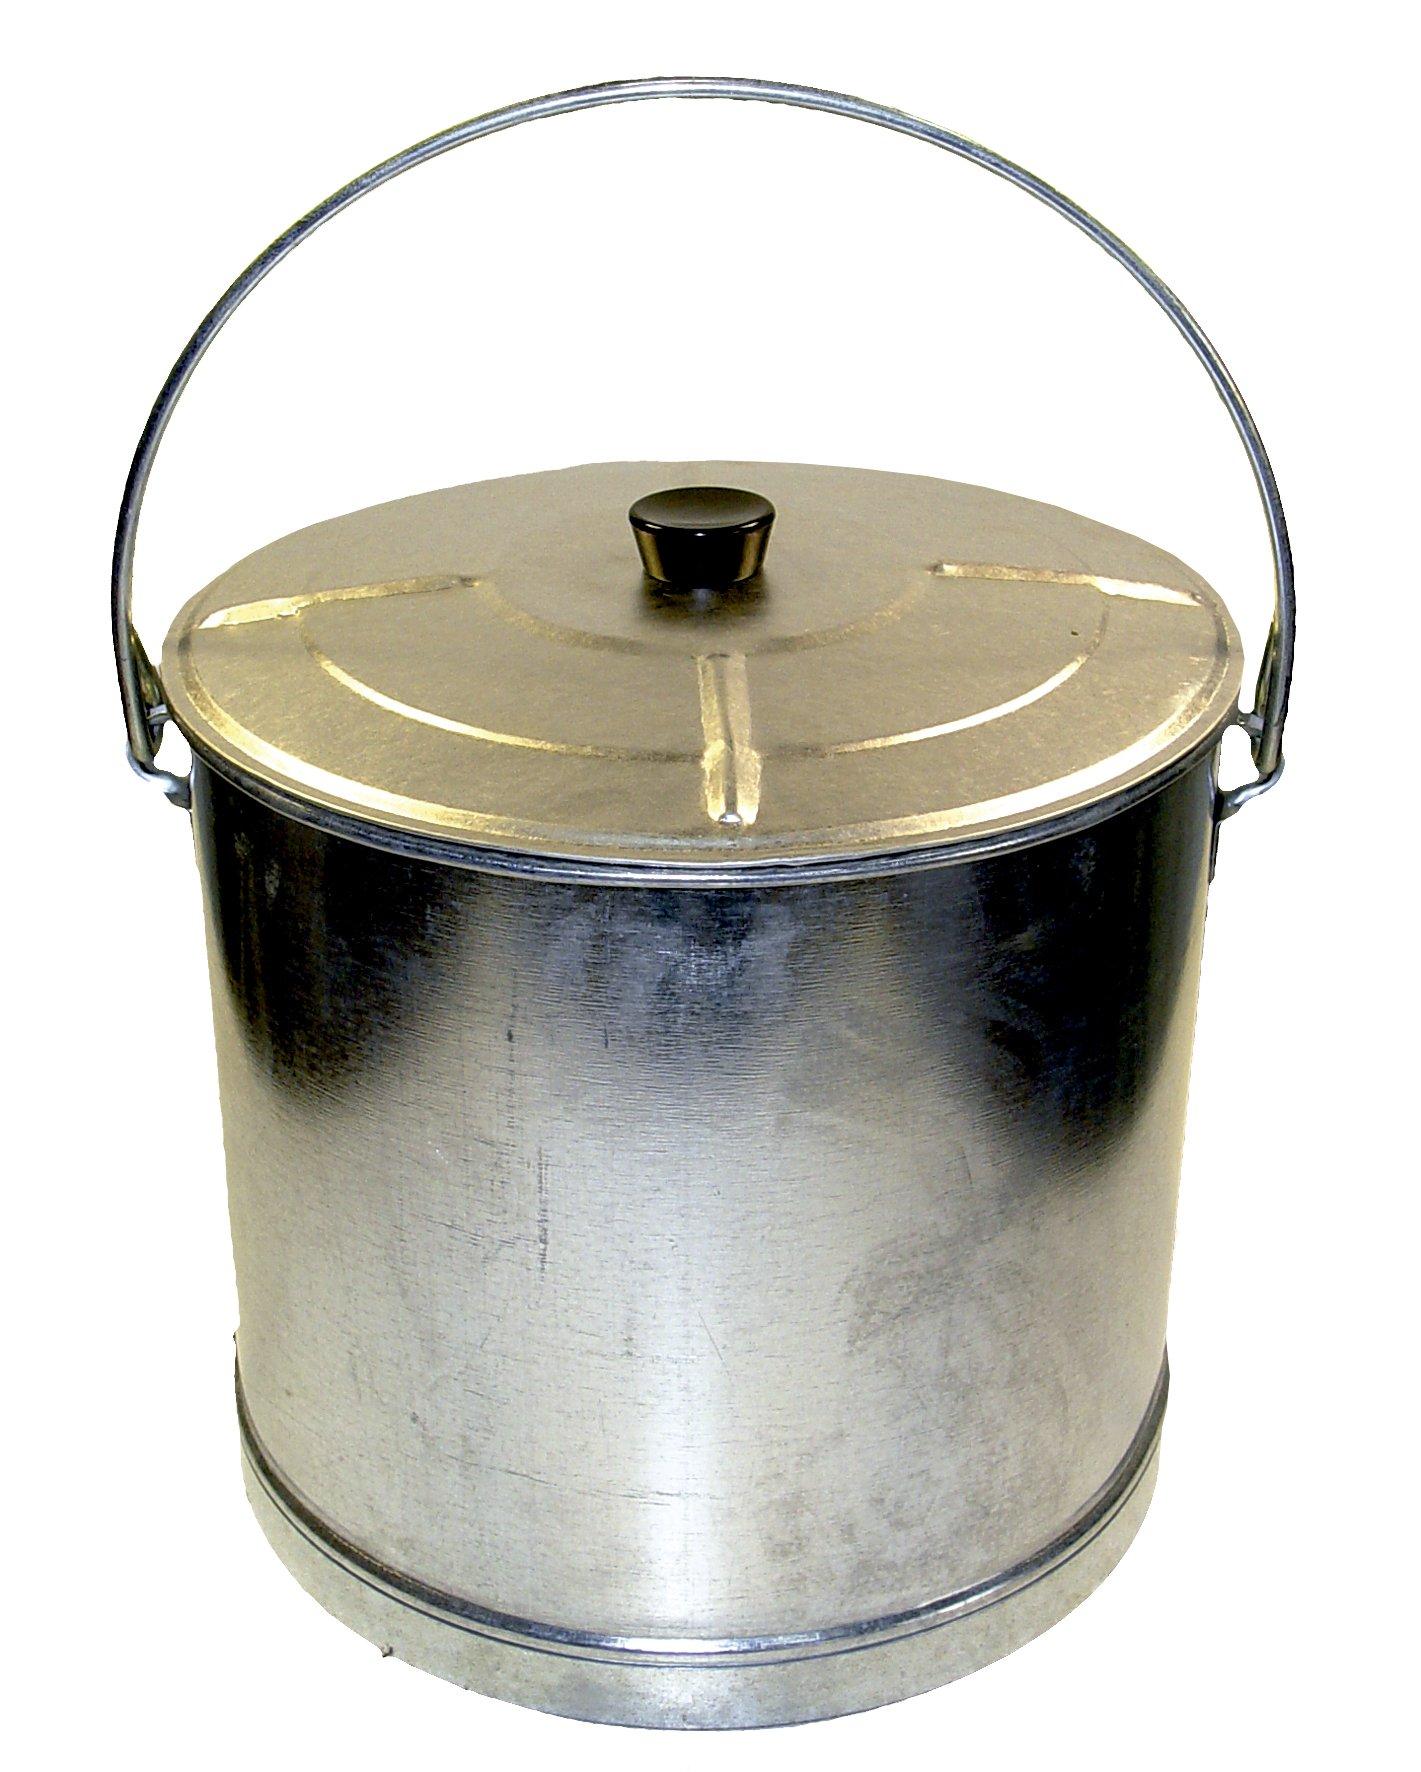 Imex la Volpe 10186-mozzo liscio rinforzato con coperchio, 15 , diametro 37,5 x 33 cm